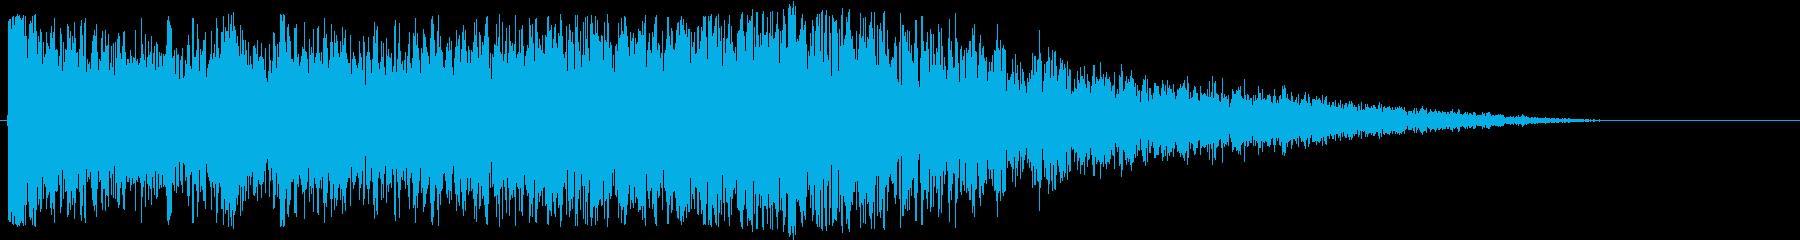 ギョッとした時の短いMEの再生済みの波形